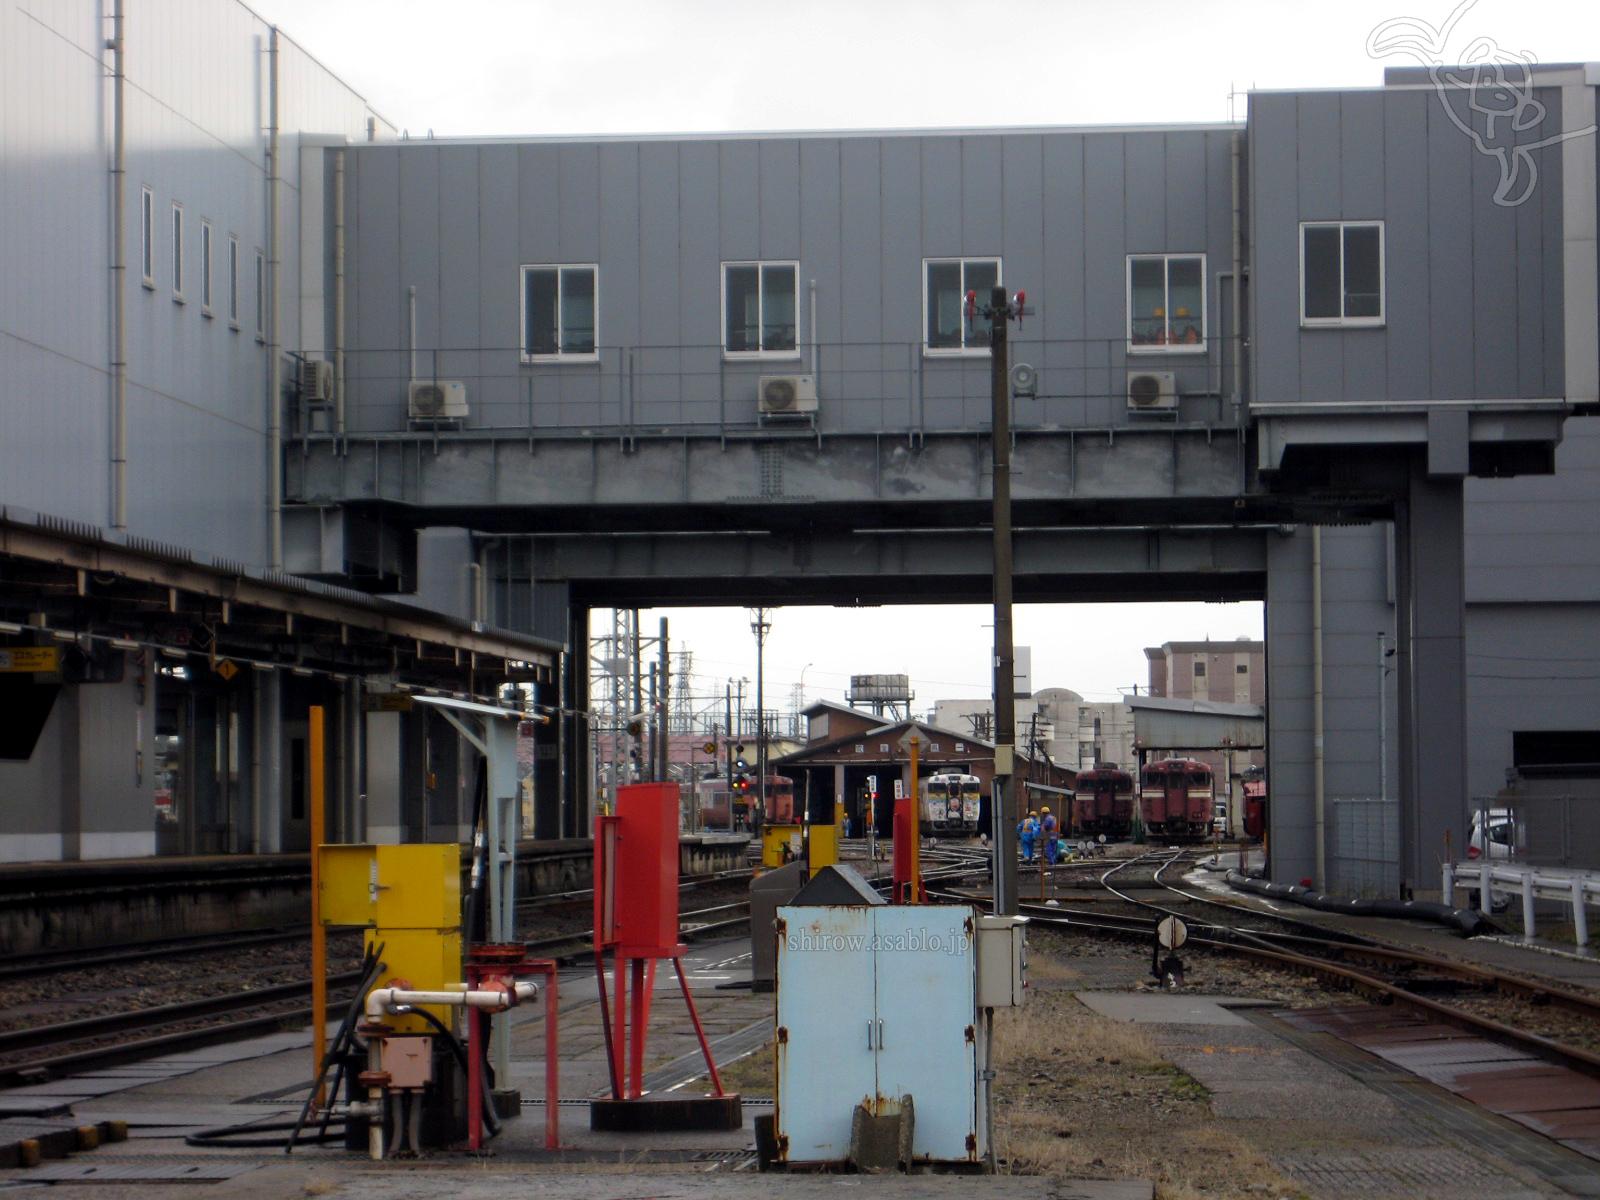 高岡駅の車庫に見える白い車体の忍者ハットリくん列車